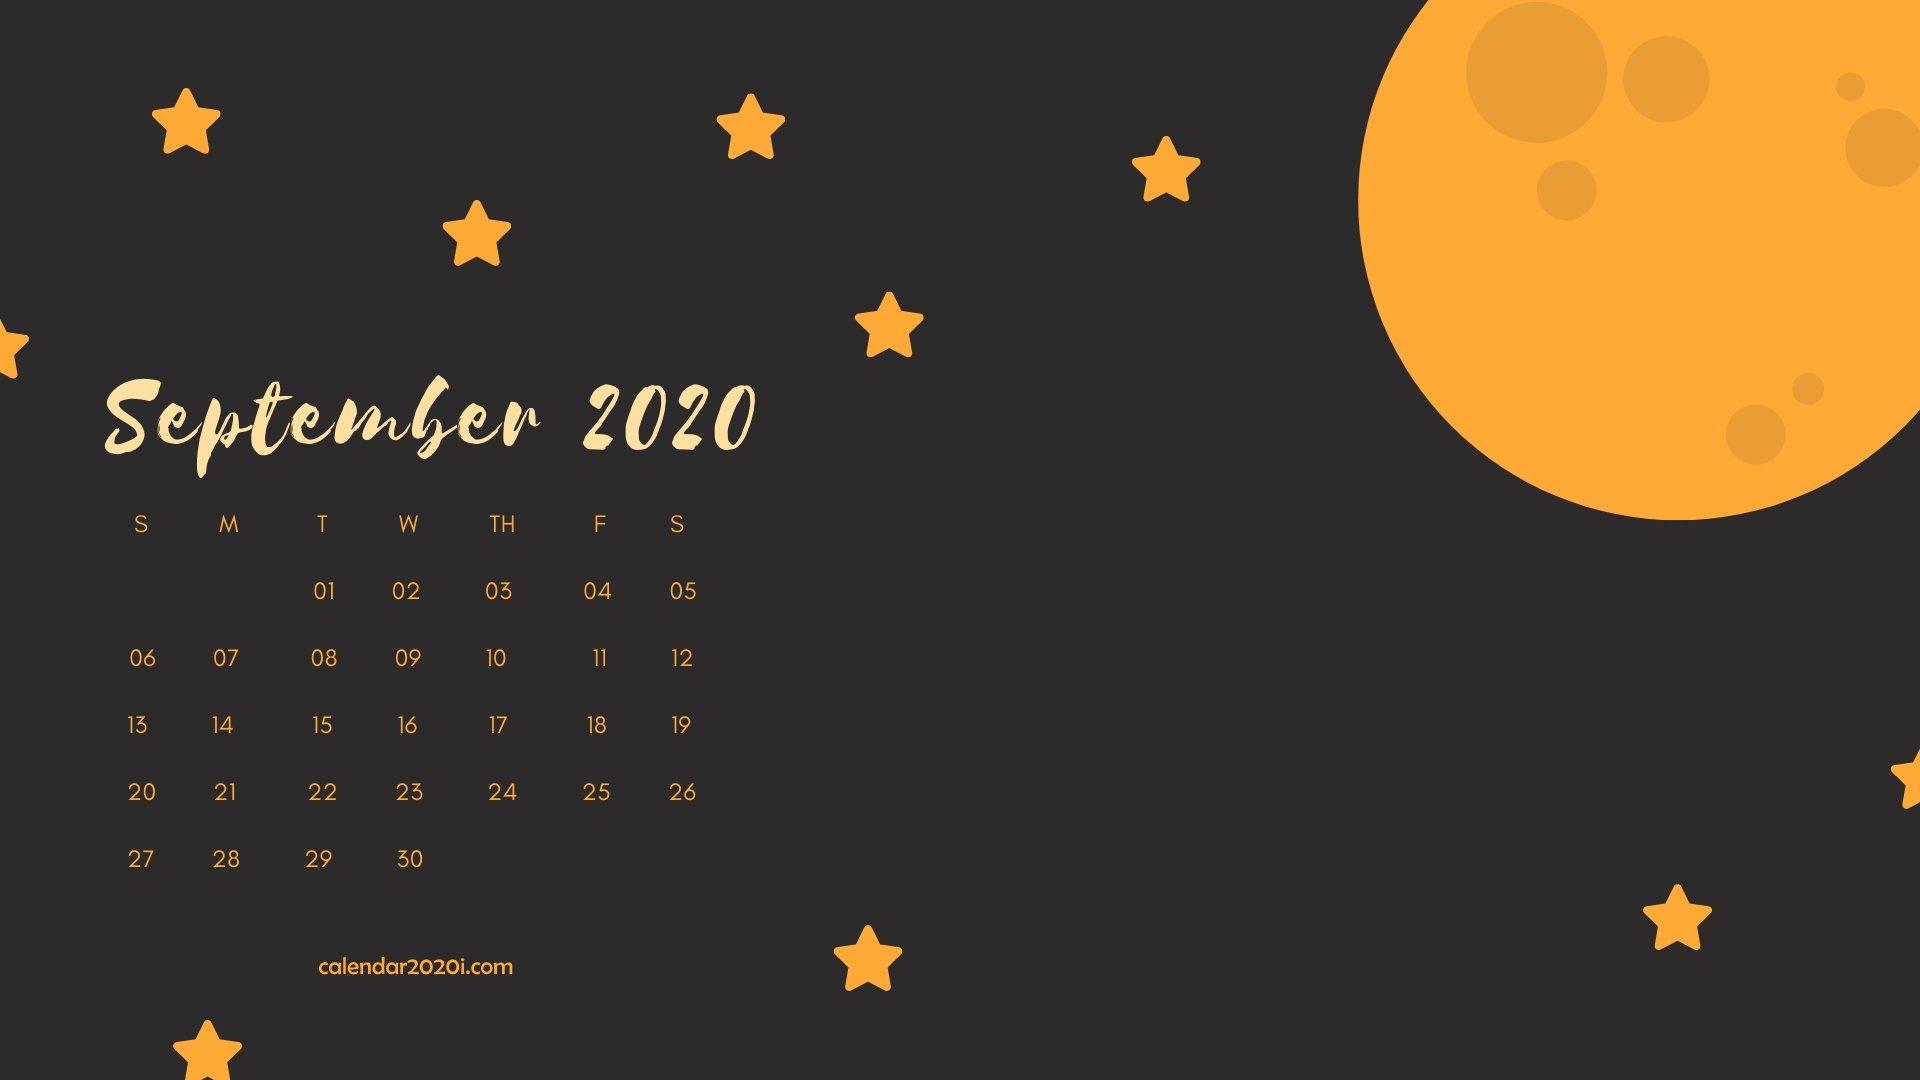 2020 Calendar Monthly HD Wallpapers Calendar 2020 1920x1080